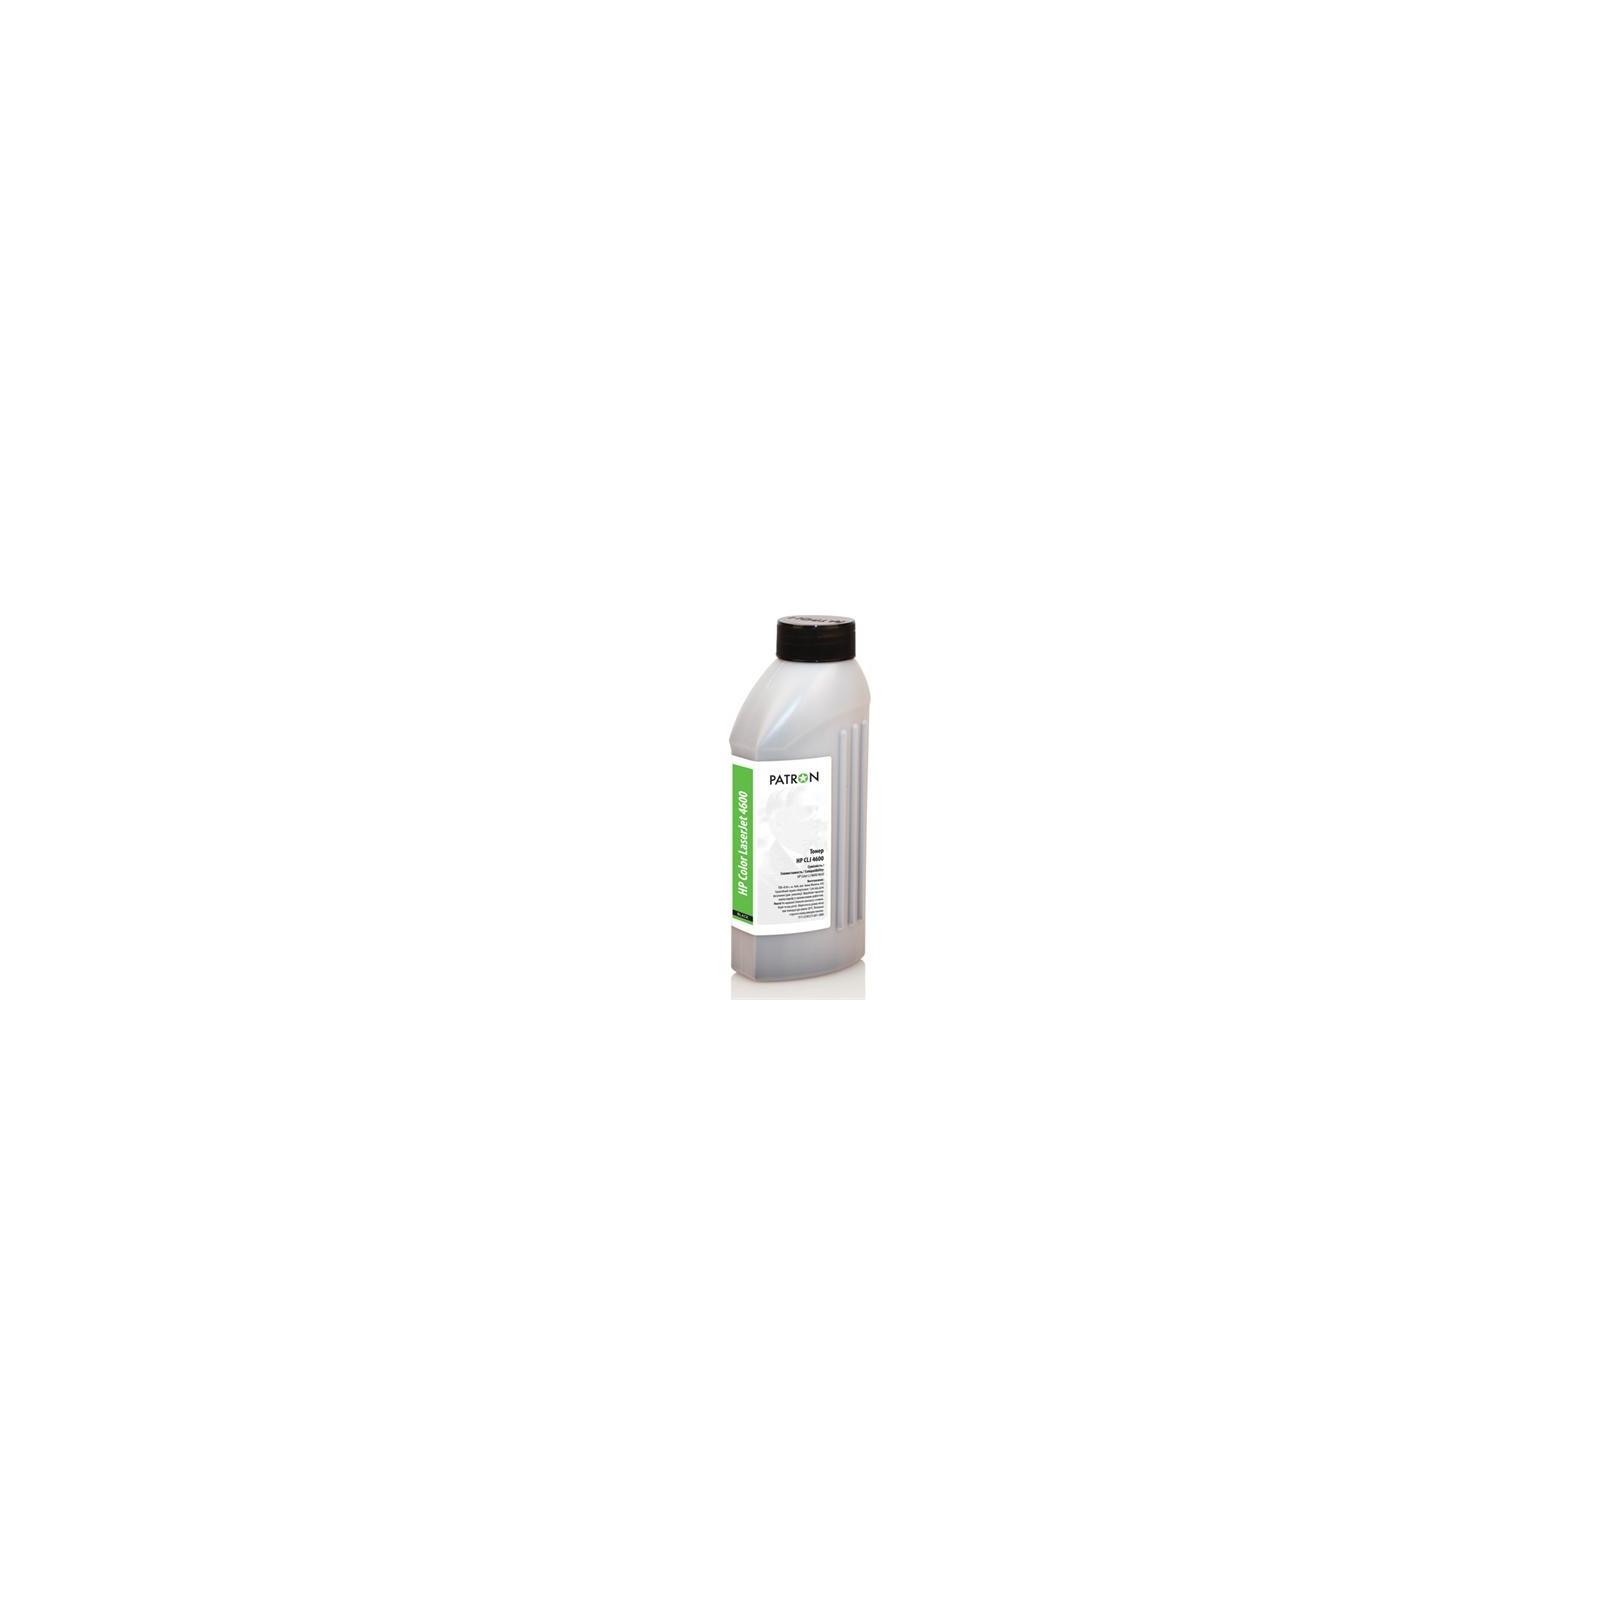 Тонер PATRON HP CLJ 4600 BLACK 250г (T-PN-HCLJ4600-B-250)